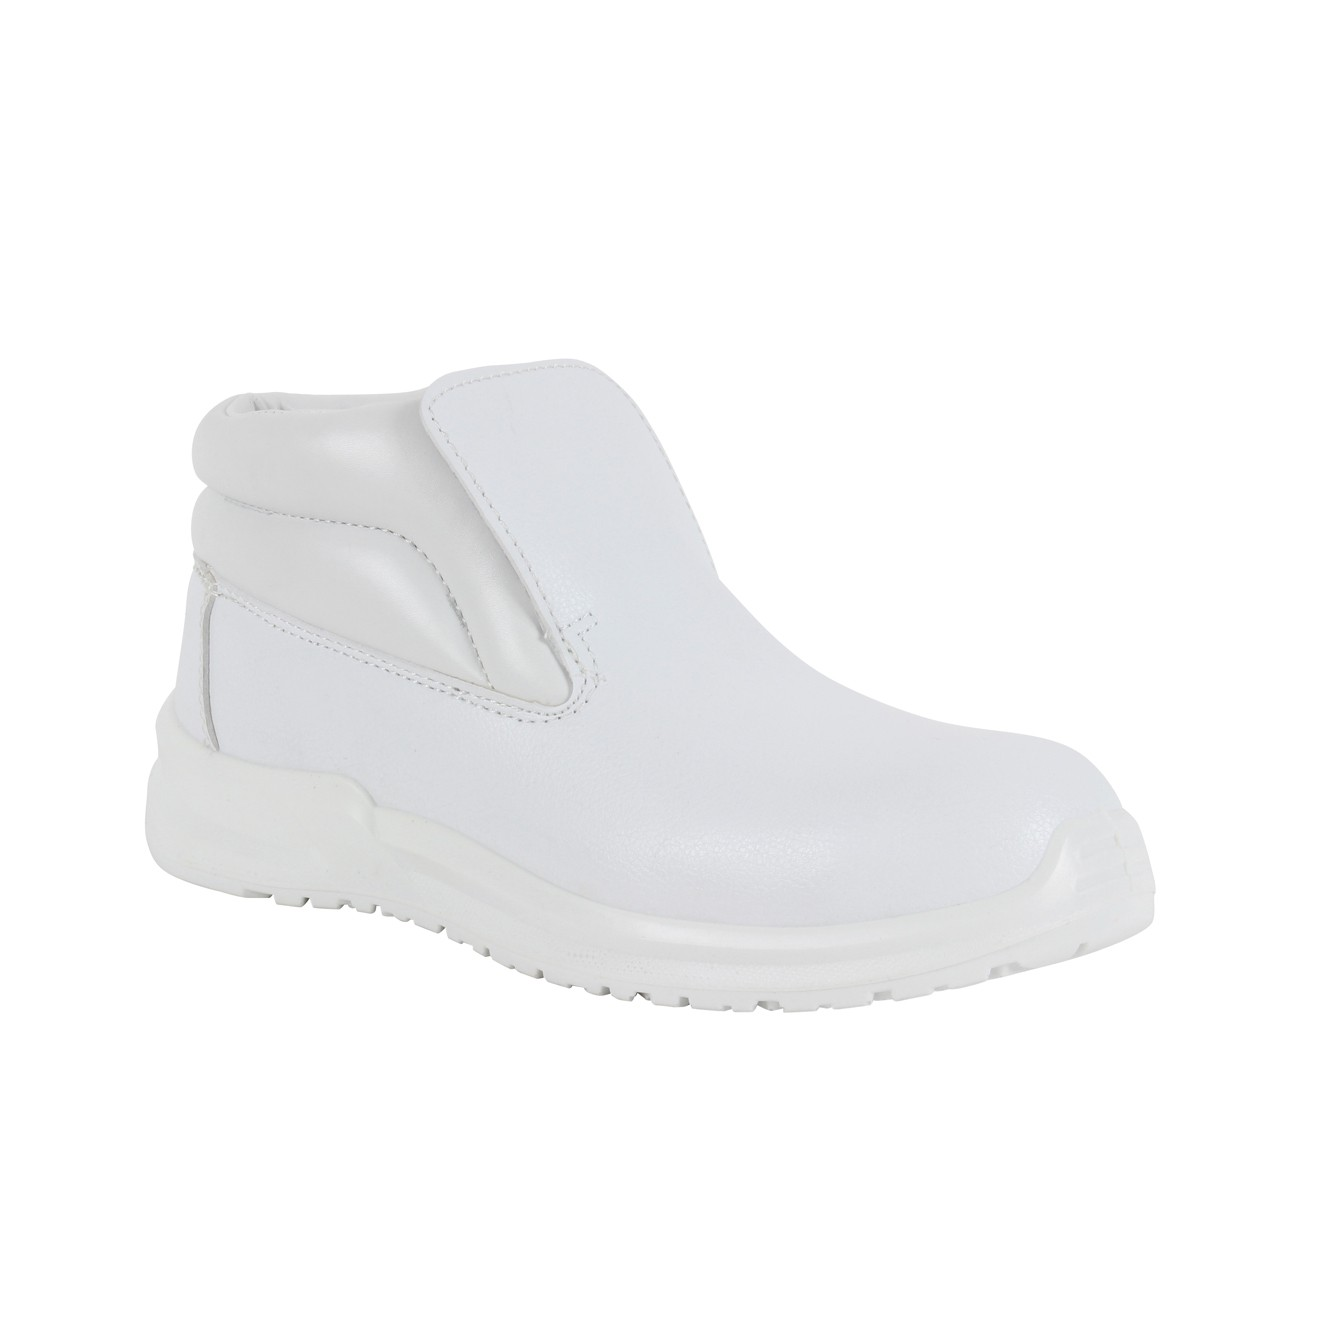 Hygiene Slip-On Boot